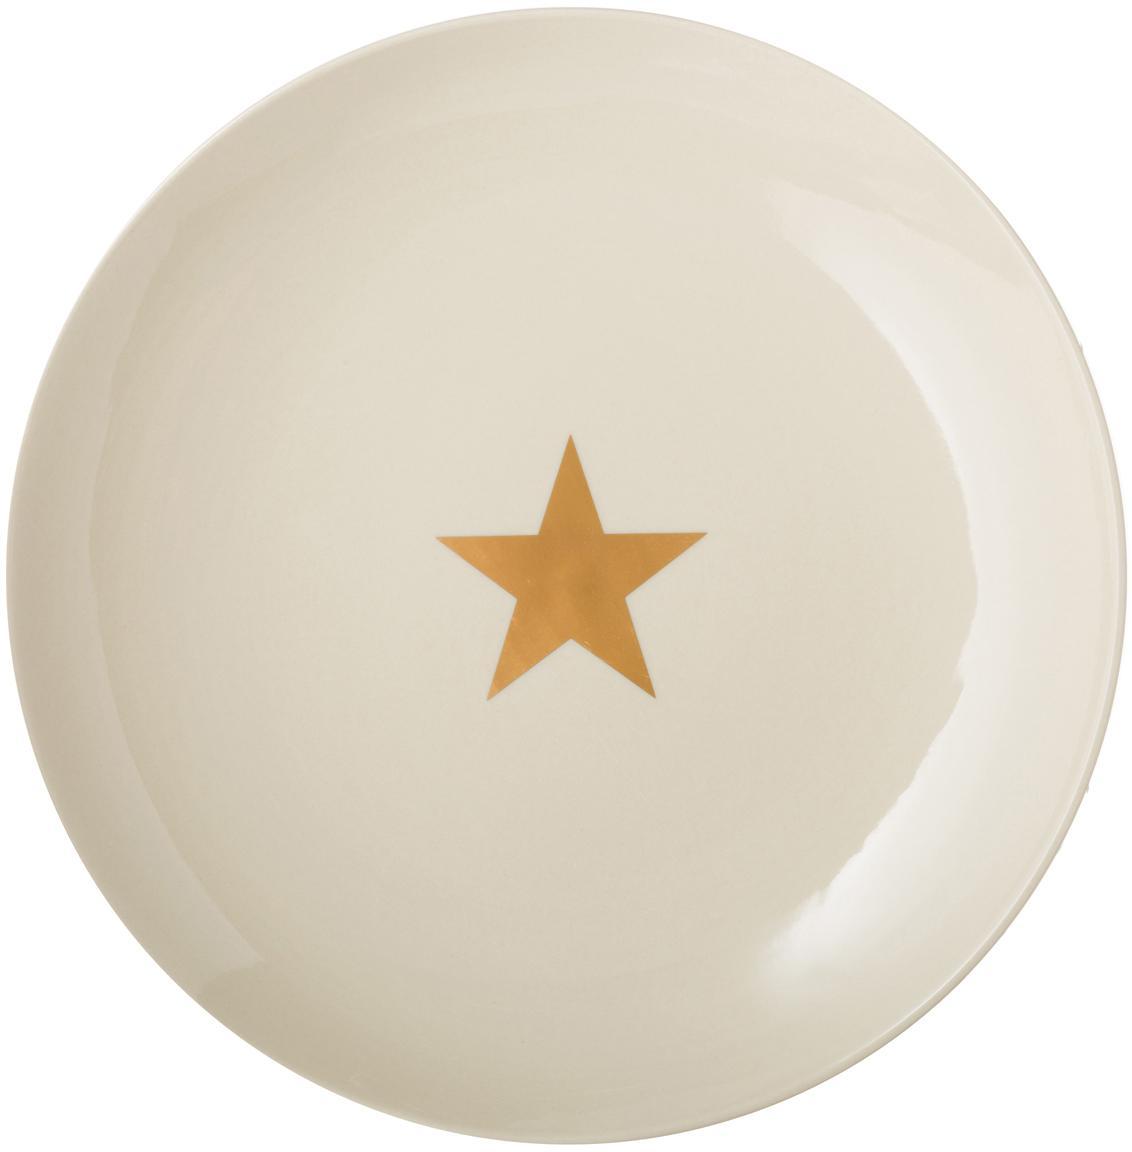 Talerz duży Star, Ceramika, Złamana biel, odcienie złotego, Ø 25 cm